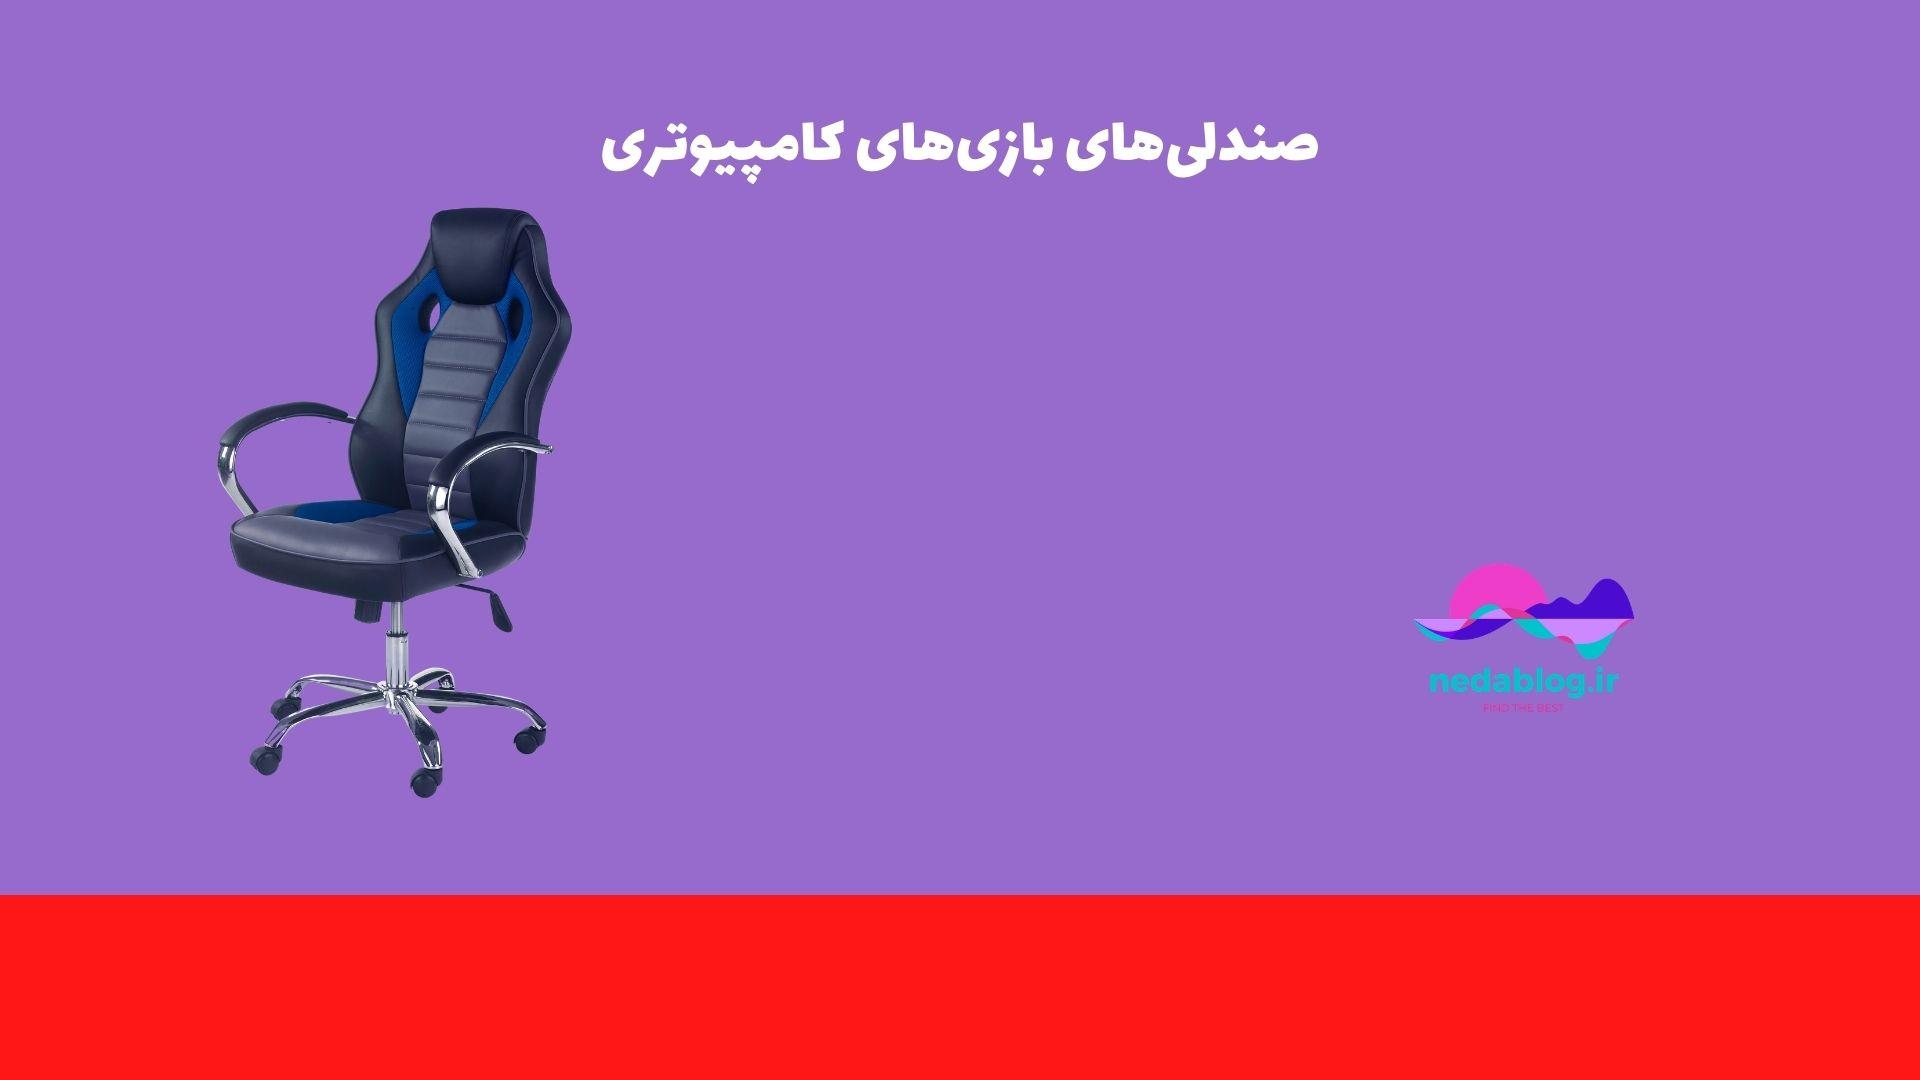 صندلیهای بازیهای کامپیوتری